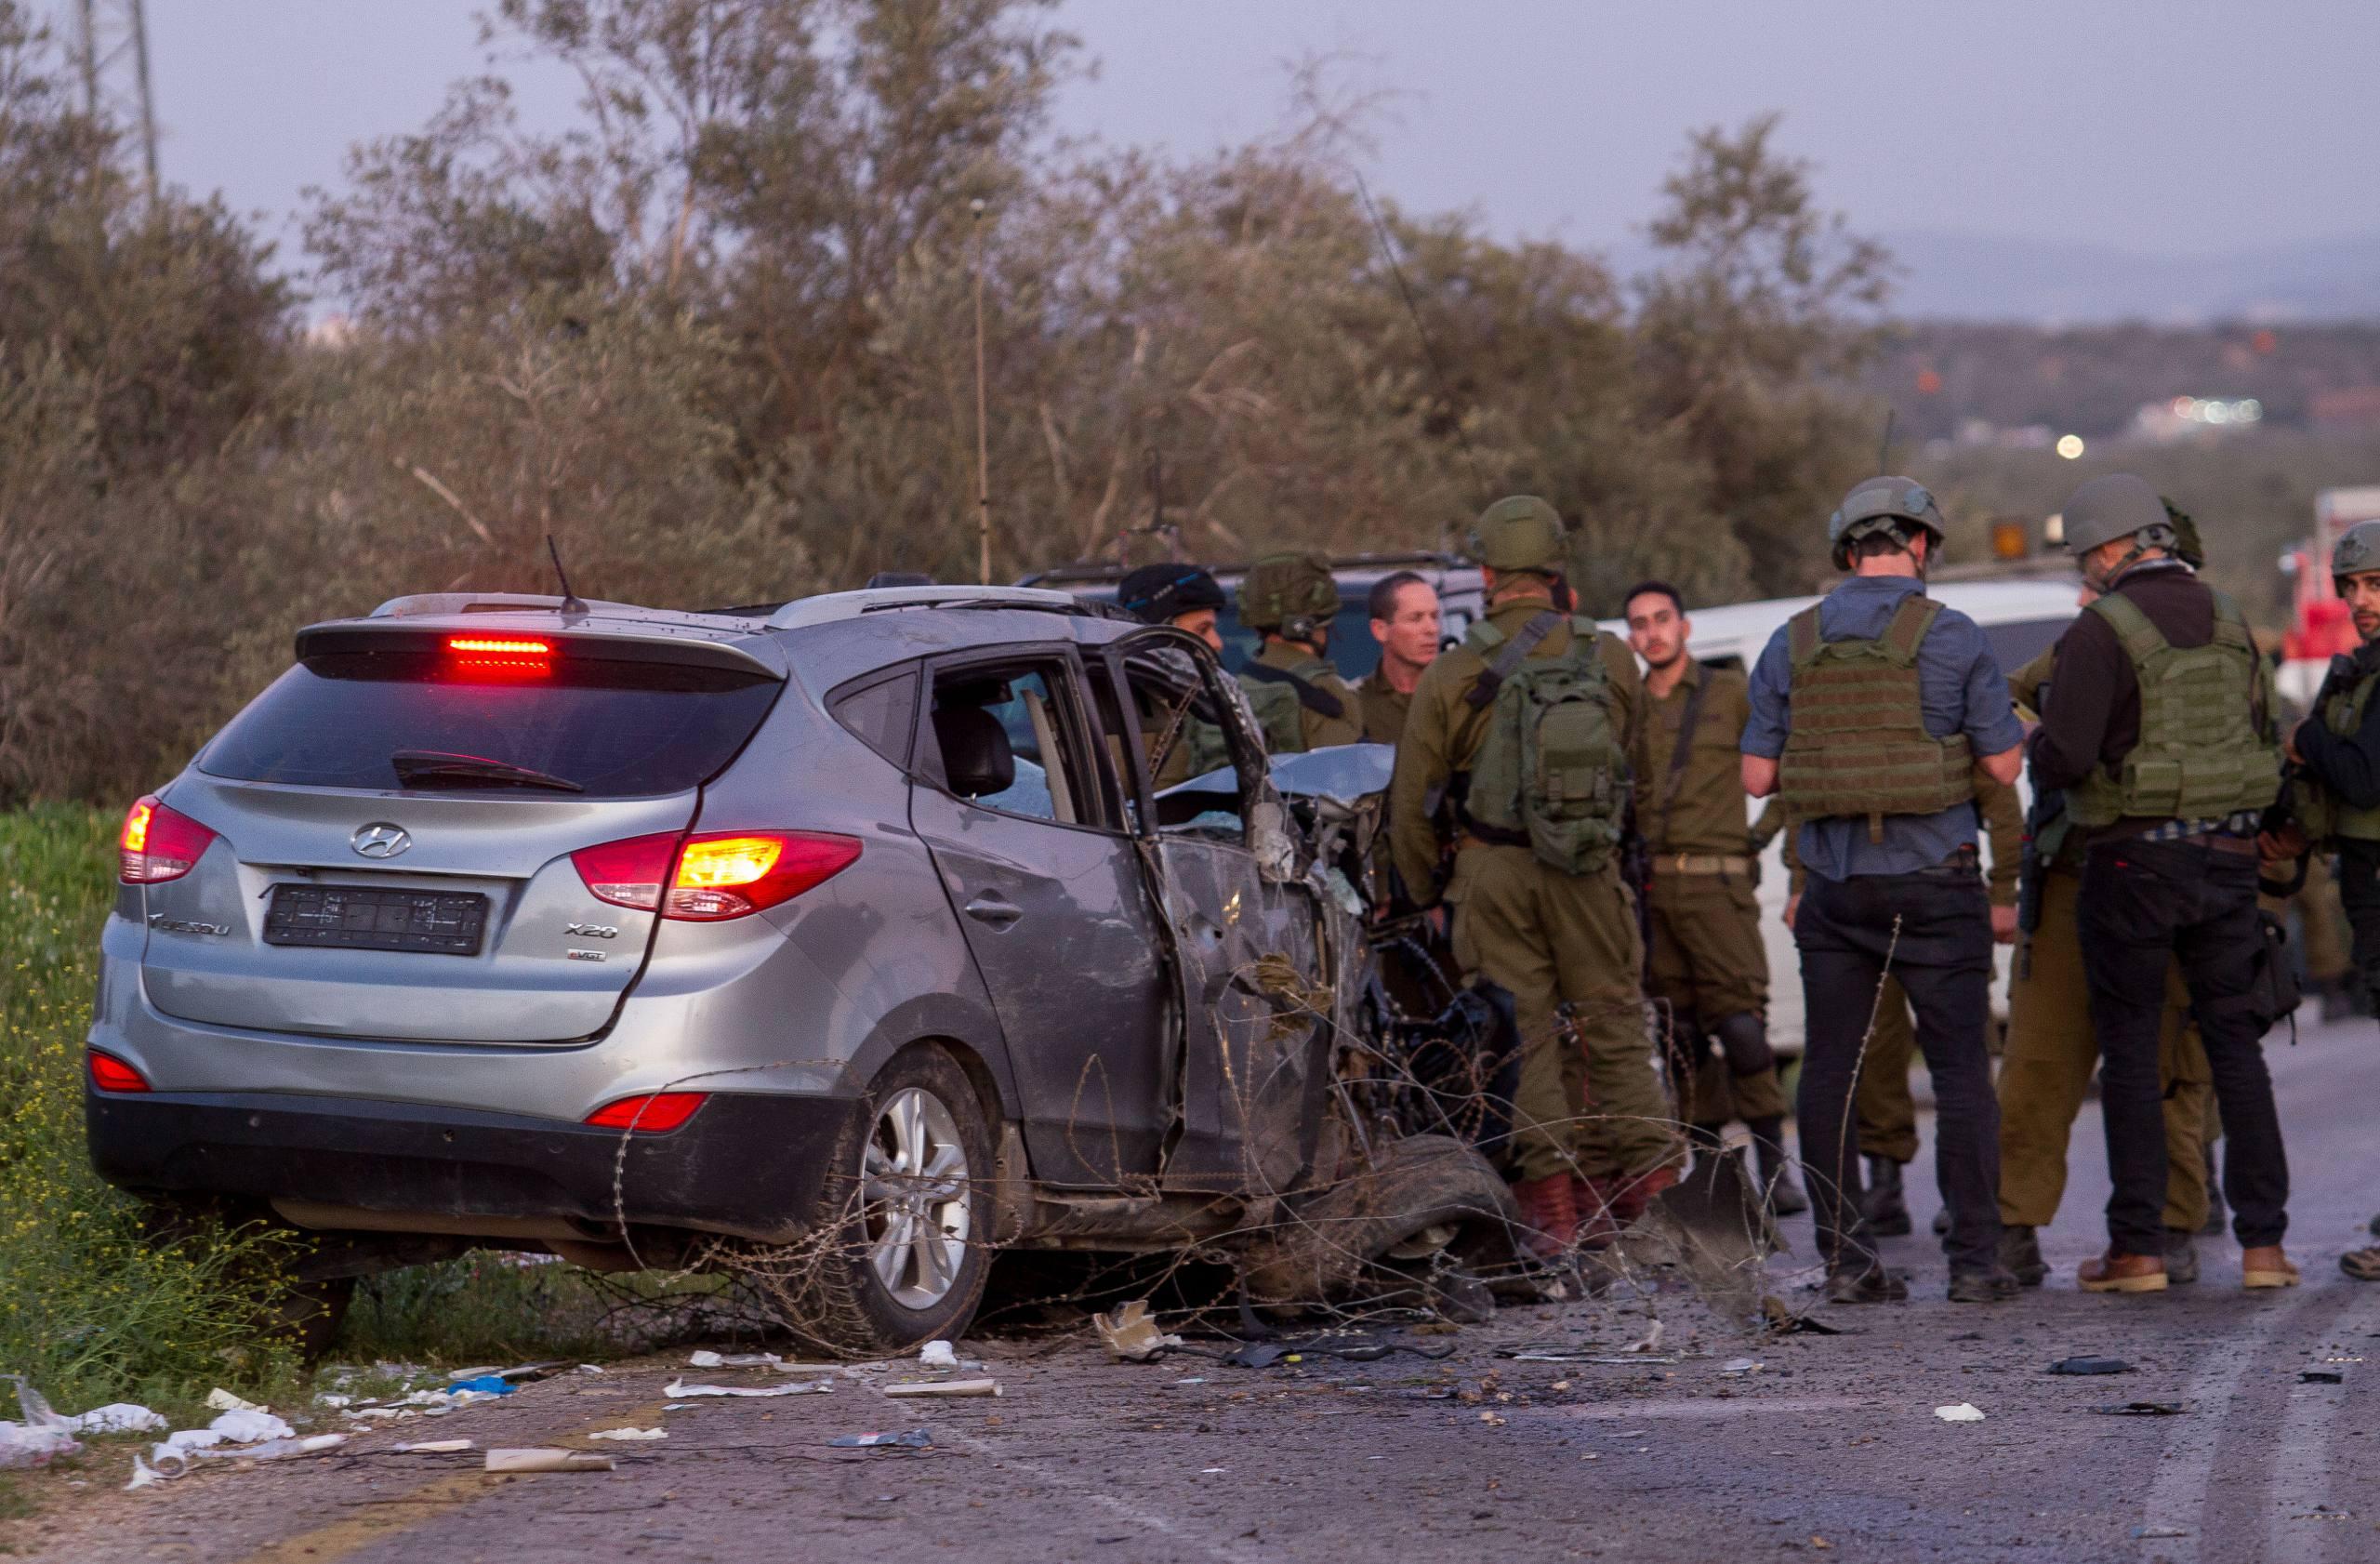 Israeli security forces at the scene of where two Israeli soldiers murdered and another two were injured in a car-ramming terror attack near Mevo Dothan, in the West Bank, March 16, 2018. Photo by Meir Vaknin/Flash90 *** Local Caption *** îáåà ãåúï öôåï äùåîøåï ôéâåò ãøéñä ùèçéí èøåø îëåðéú çééì çééìéí ôéâåò ãøéñä